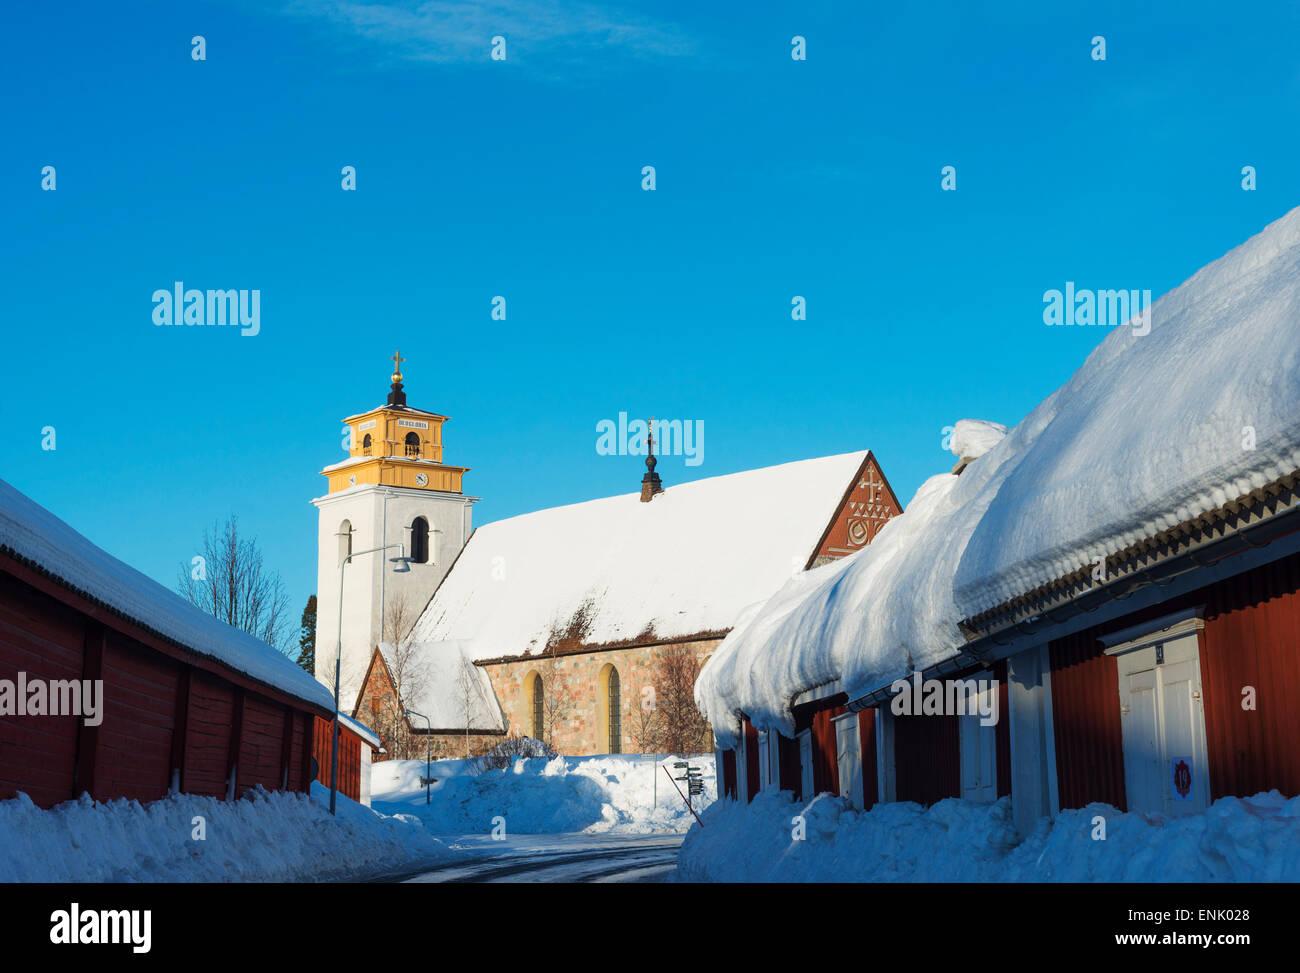 Gamelstad Altstadt, UNESCO-Weltkulturerbe, Lulea, Lappland, Arctic Circle, Schweden, Skandinavien, Europa Stockbild